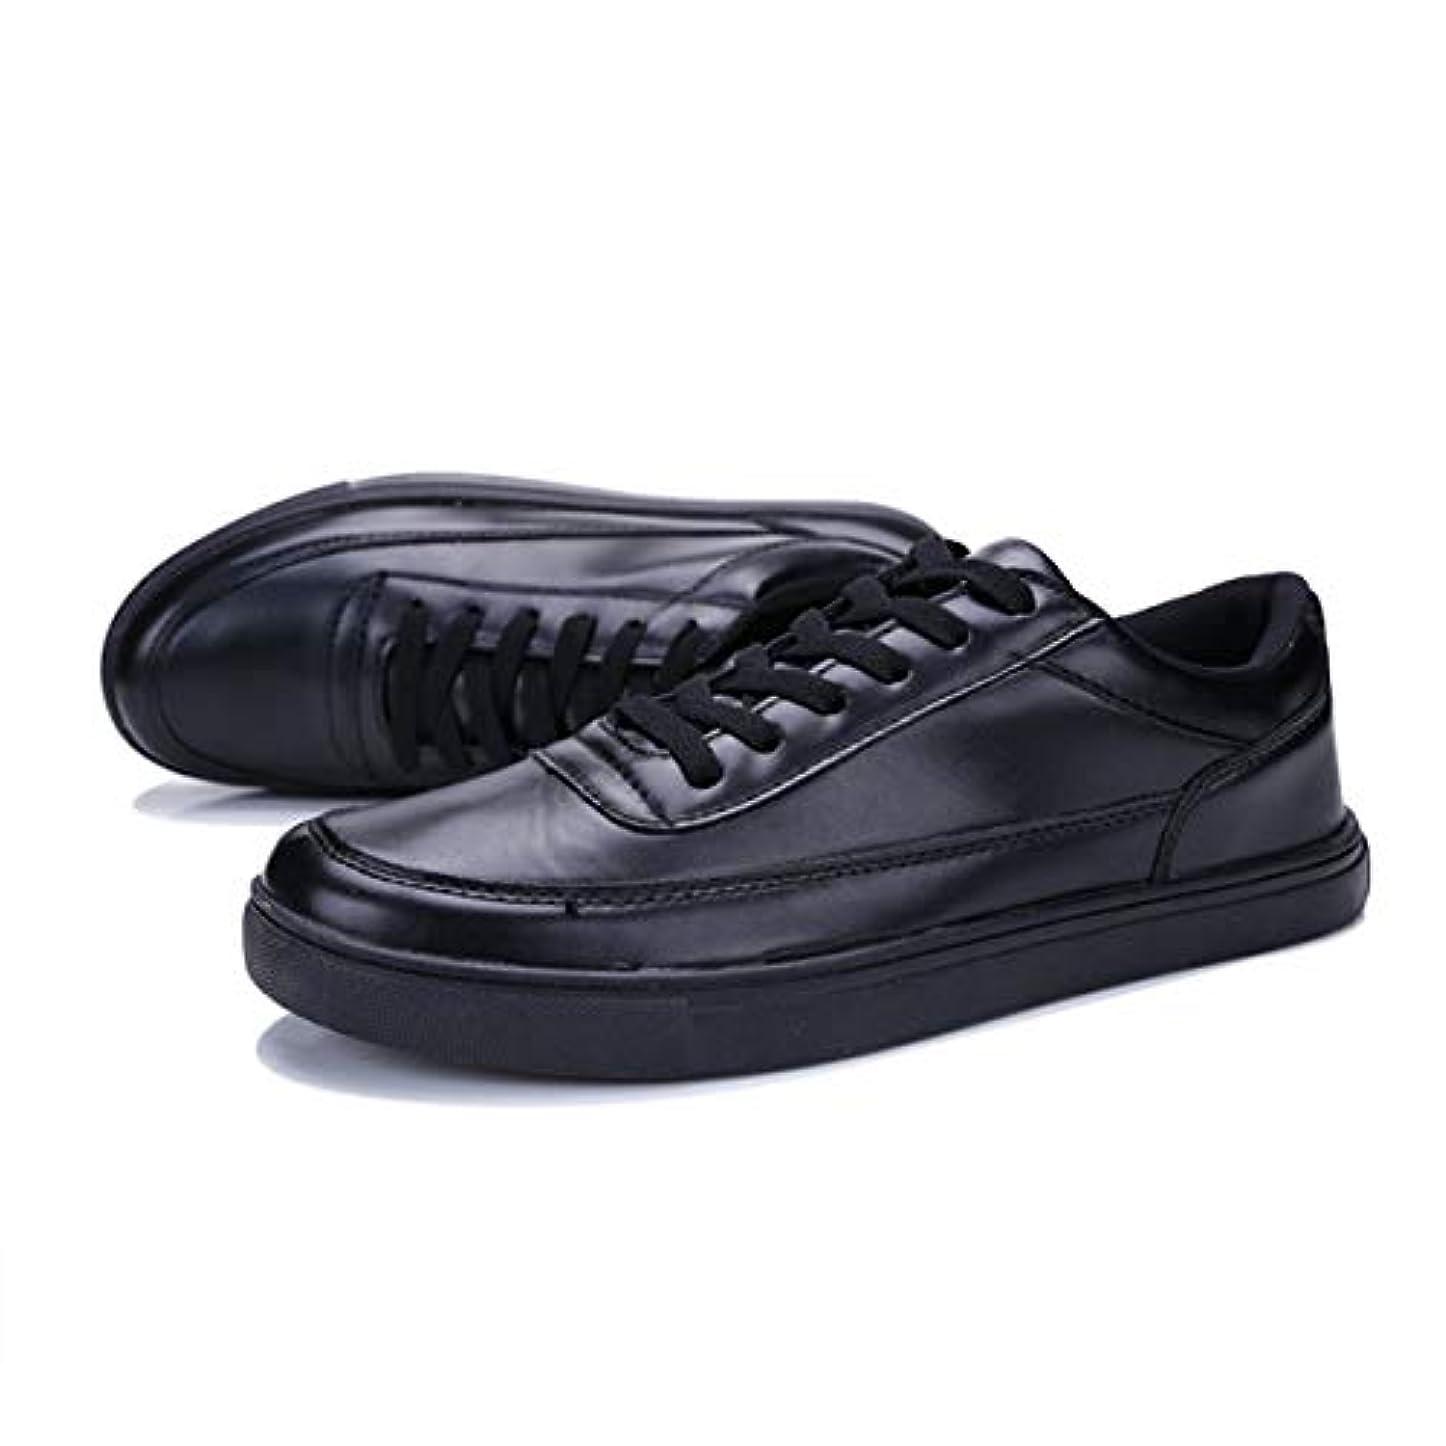 注入チャペルパッド夏の新しいメンズスモールフレッシュレザースケートボードメンズシューズファッションネクタイ学生タイドシューズ1715ブラック-ブラック41